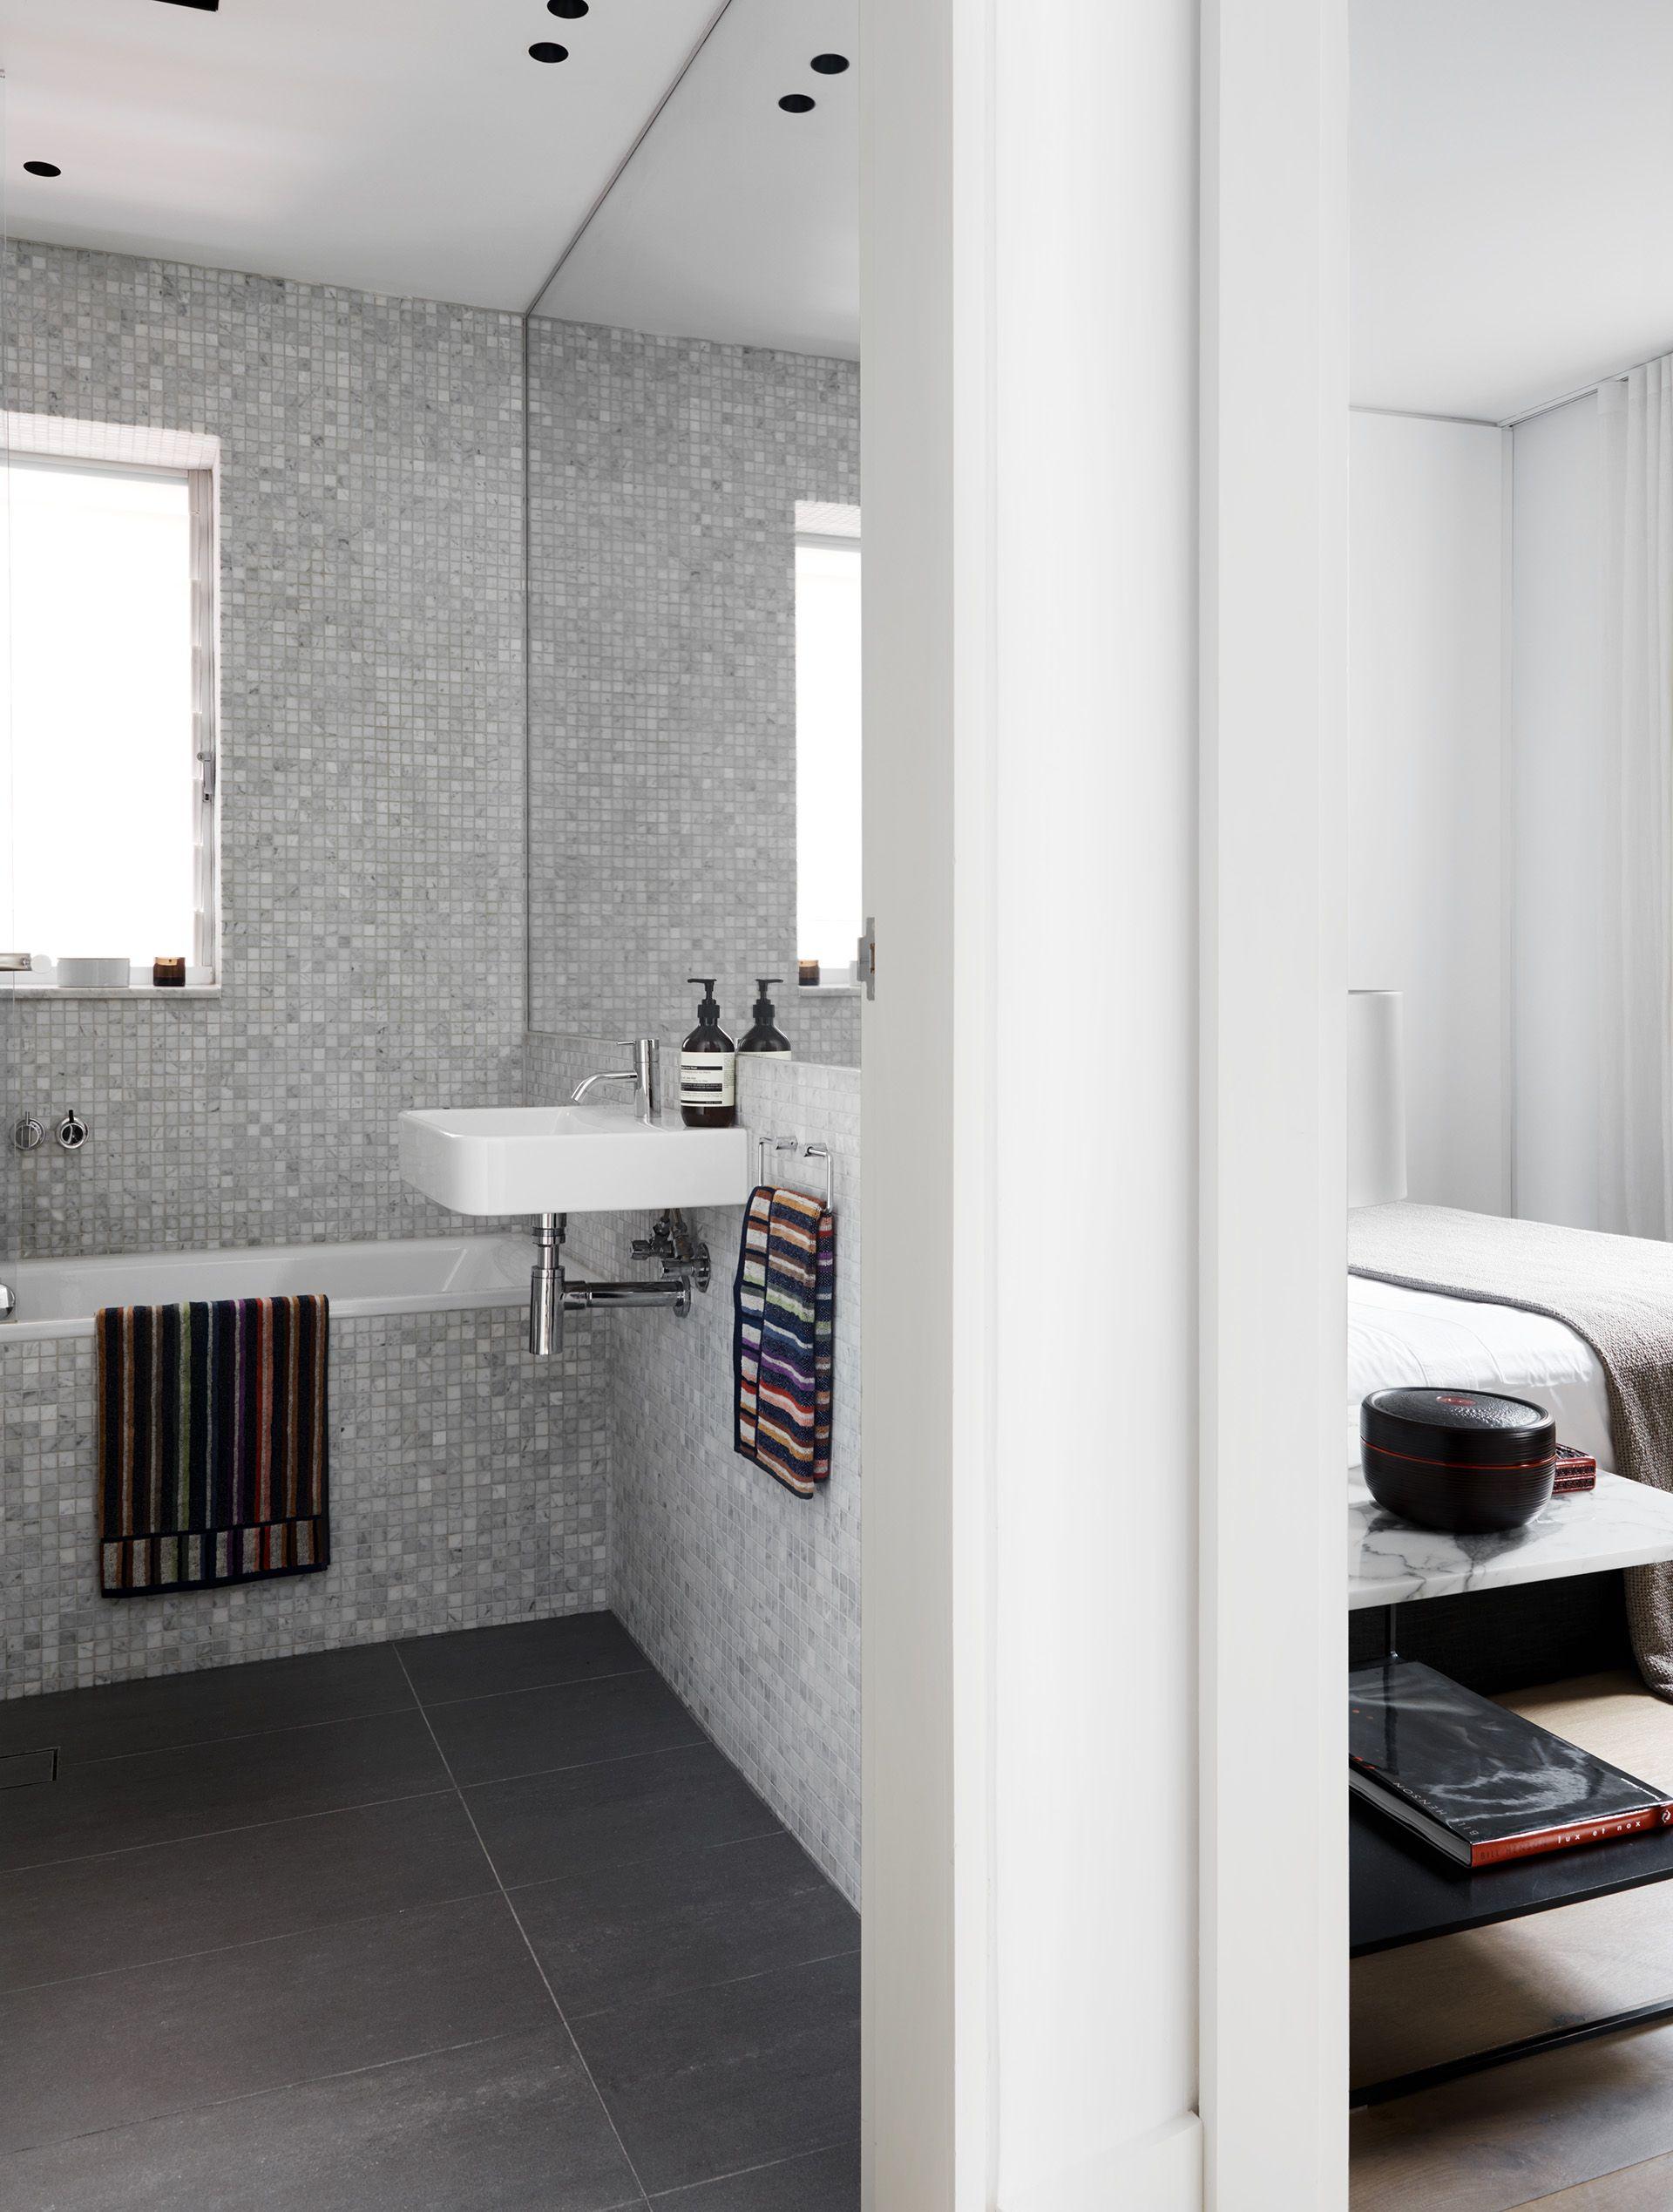 Schön Designer Küchen Und Bäder Galerie - Küchen Ideen Modern ...